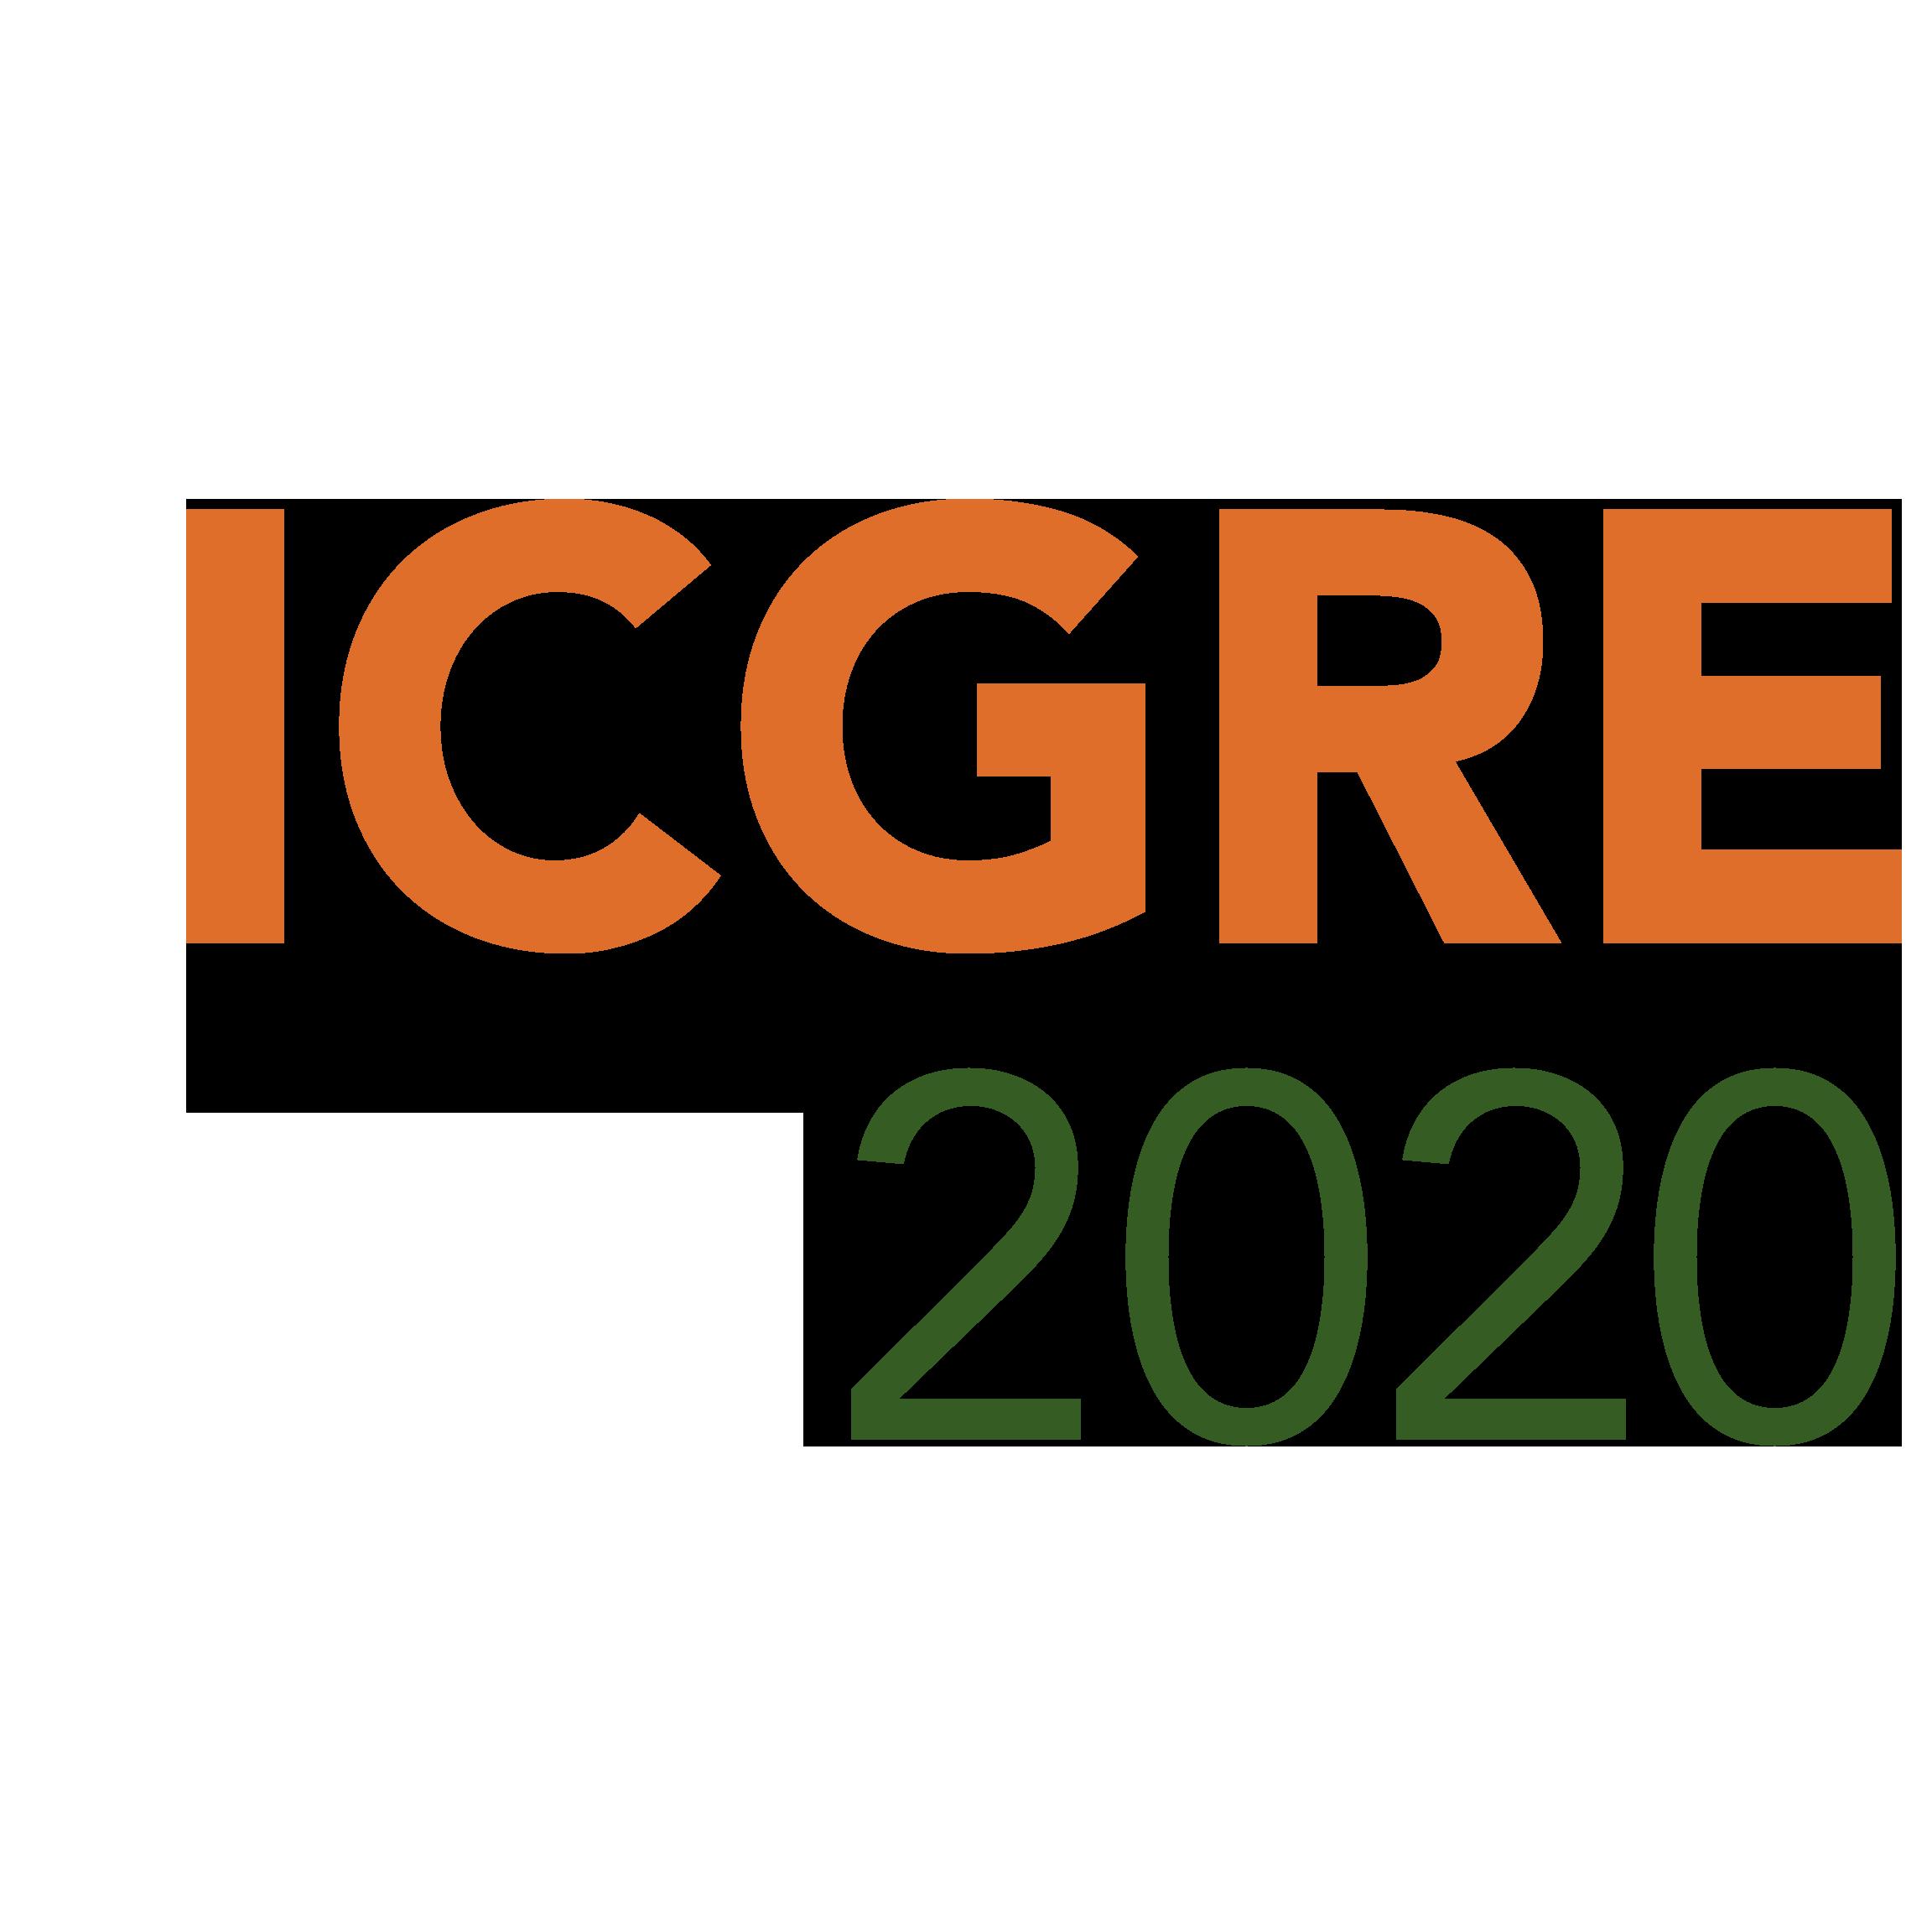 ICGRE20